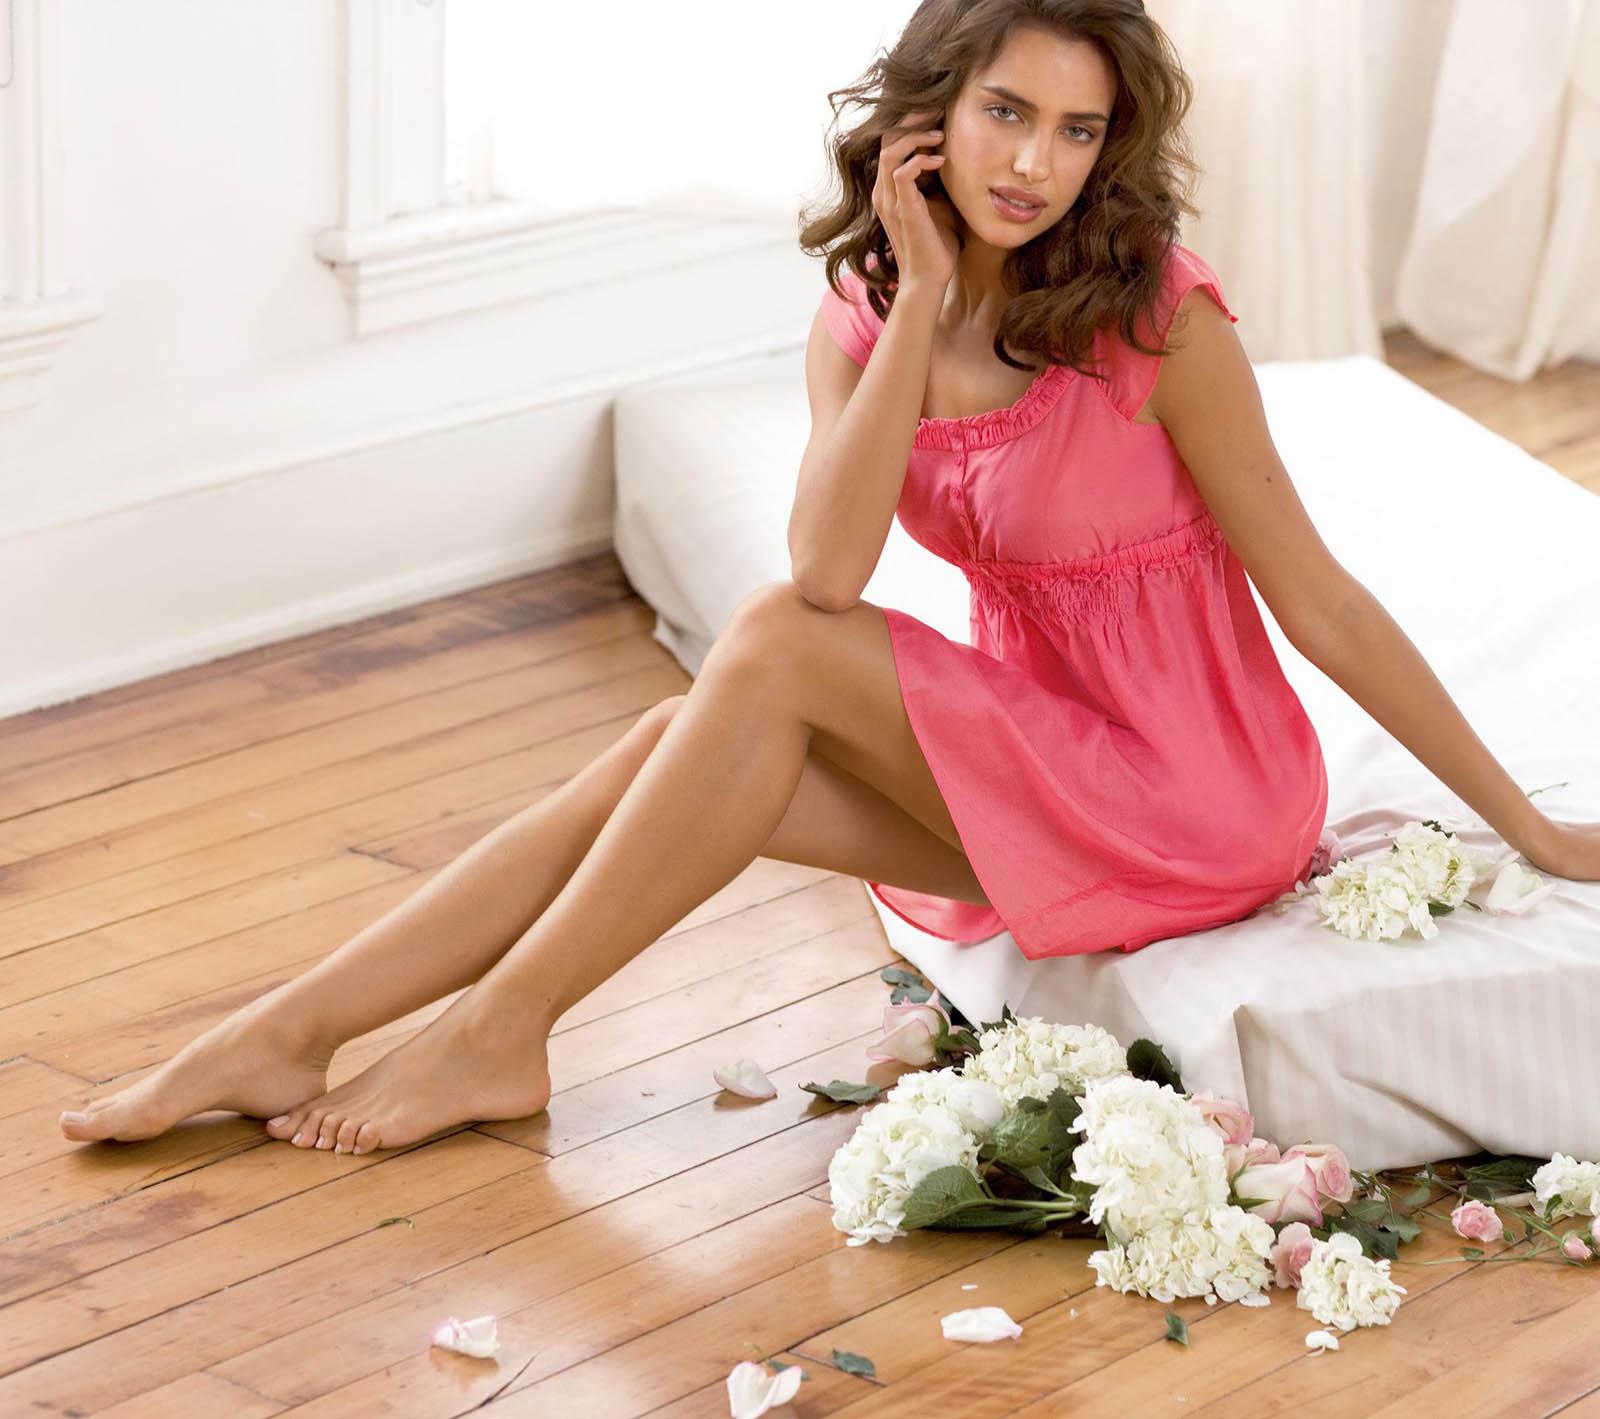 irina shayk3 Model Irina Shayk, Christiano Ronaldo`s Girlfriend